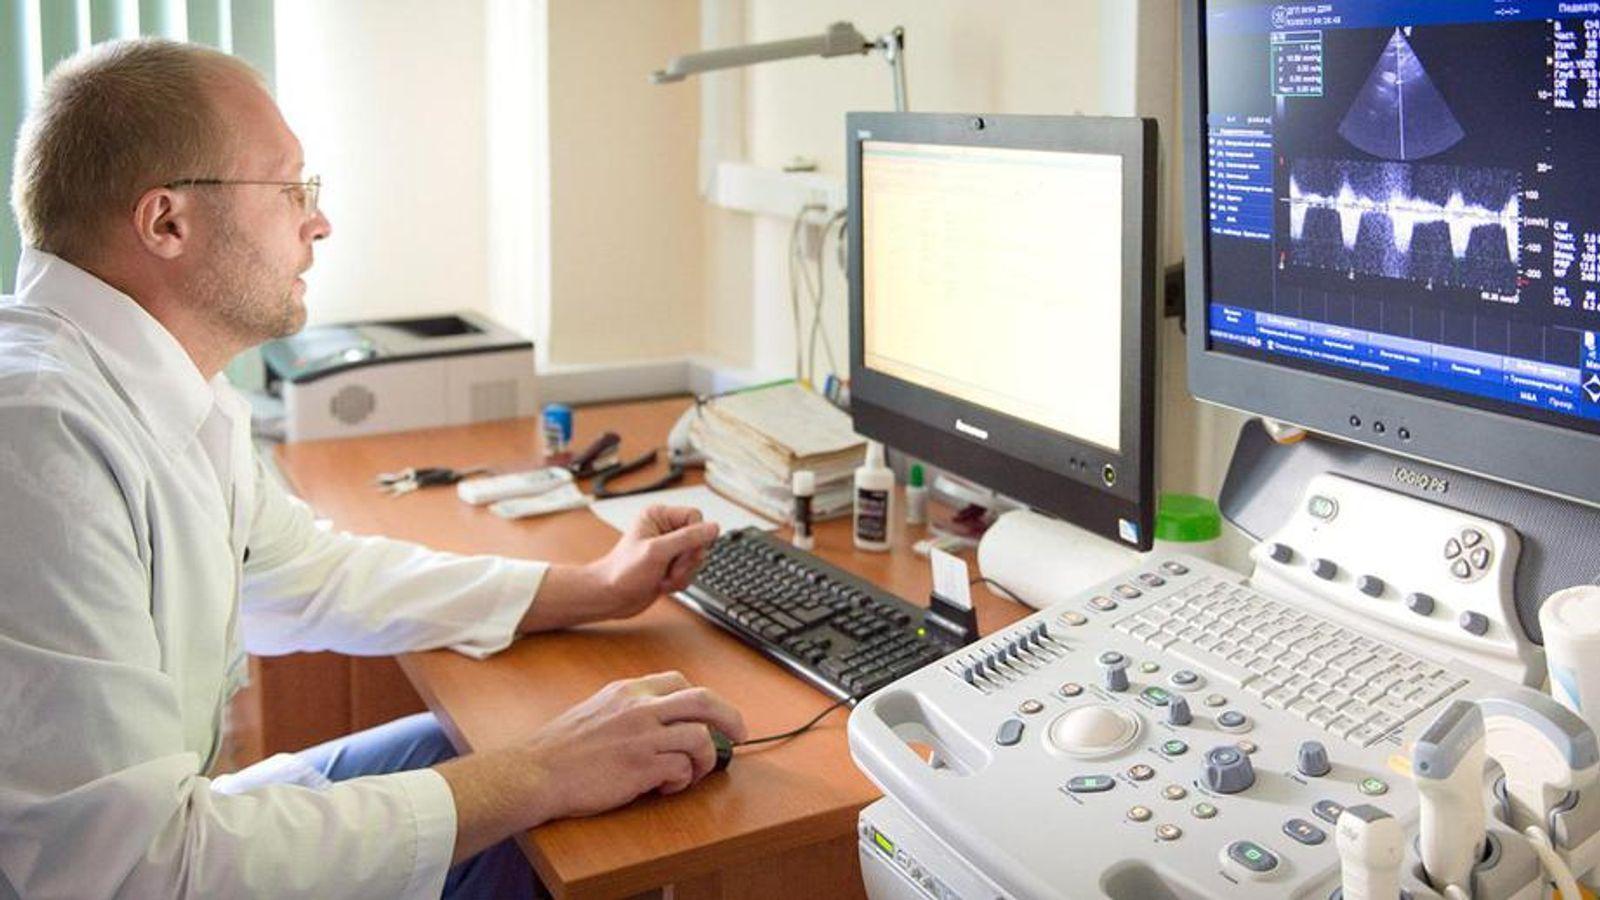 Телемедицину и медицинские устройства предложили погрузить в ОМС